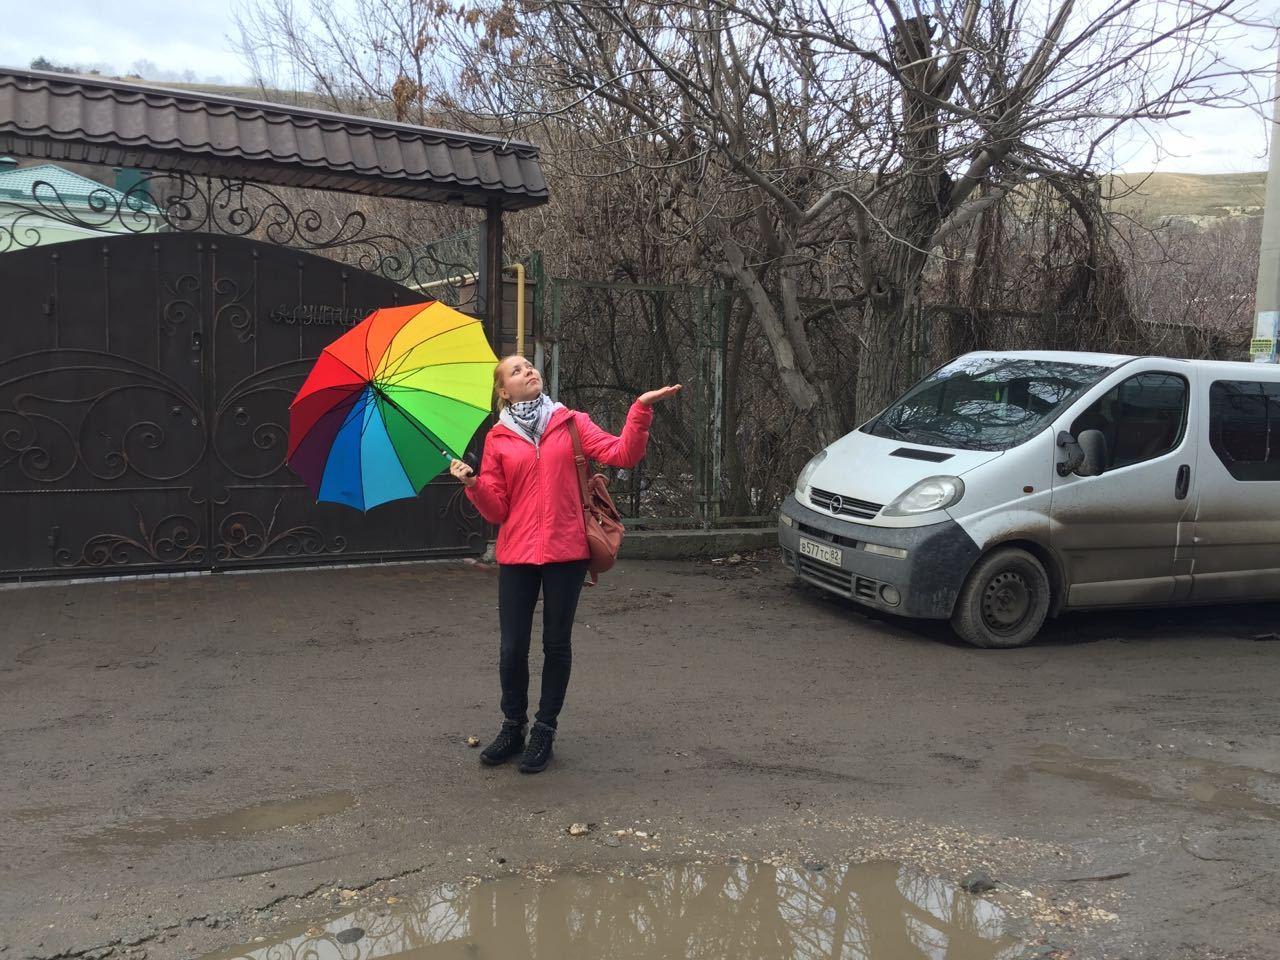 Накрымском полуострове вовторник до +11, кое-где дожди итуман